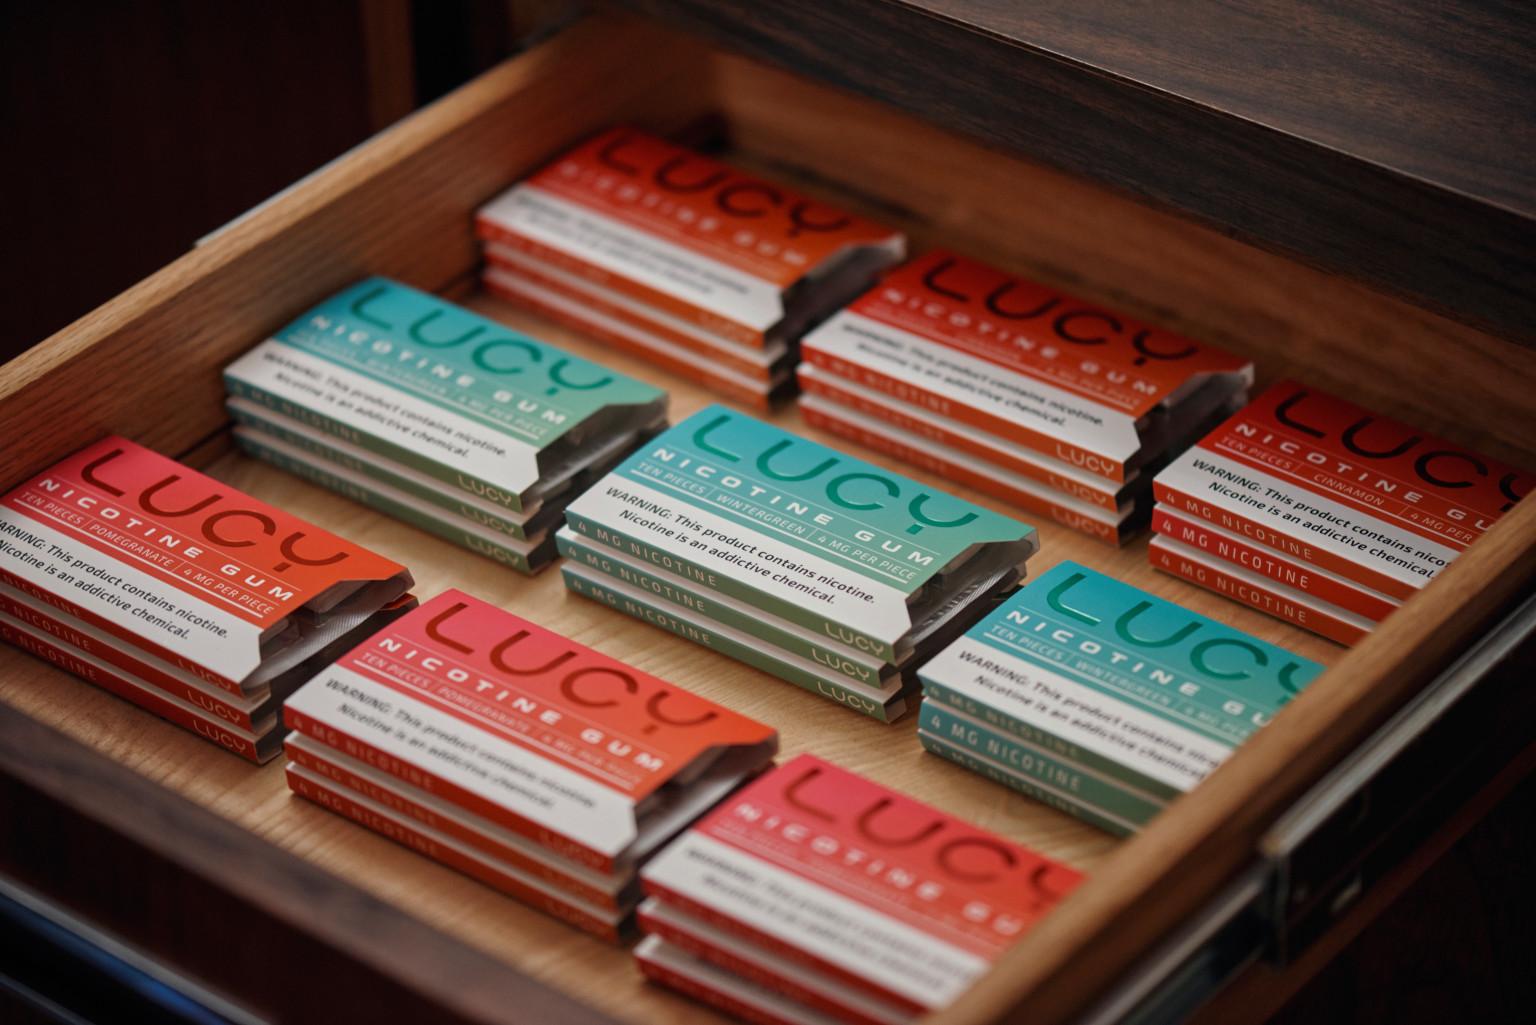 推出尼古丁口香糖,美国创企「Lucy Goods」想成为下一个Juul